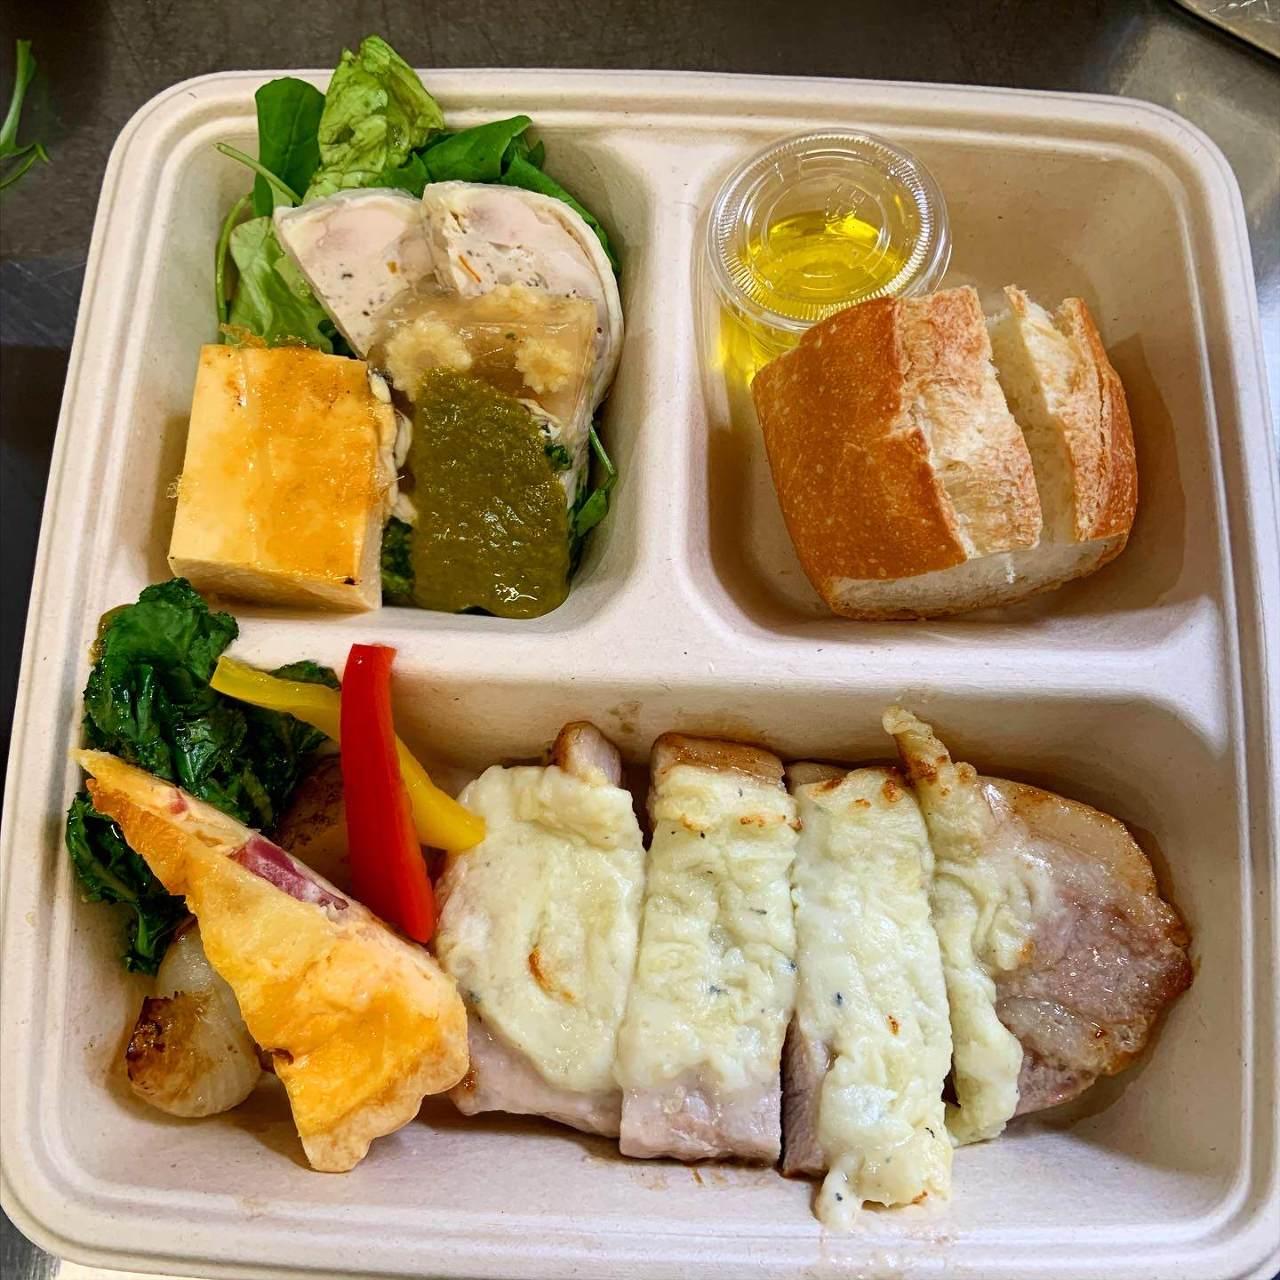 「フレンチBOX」 前菜・メイン・パン・デザートの充実BOX